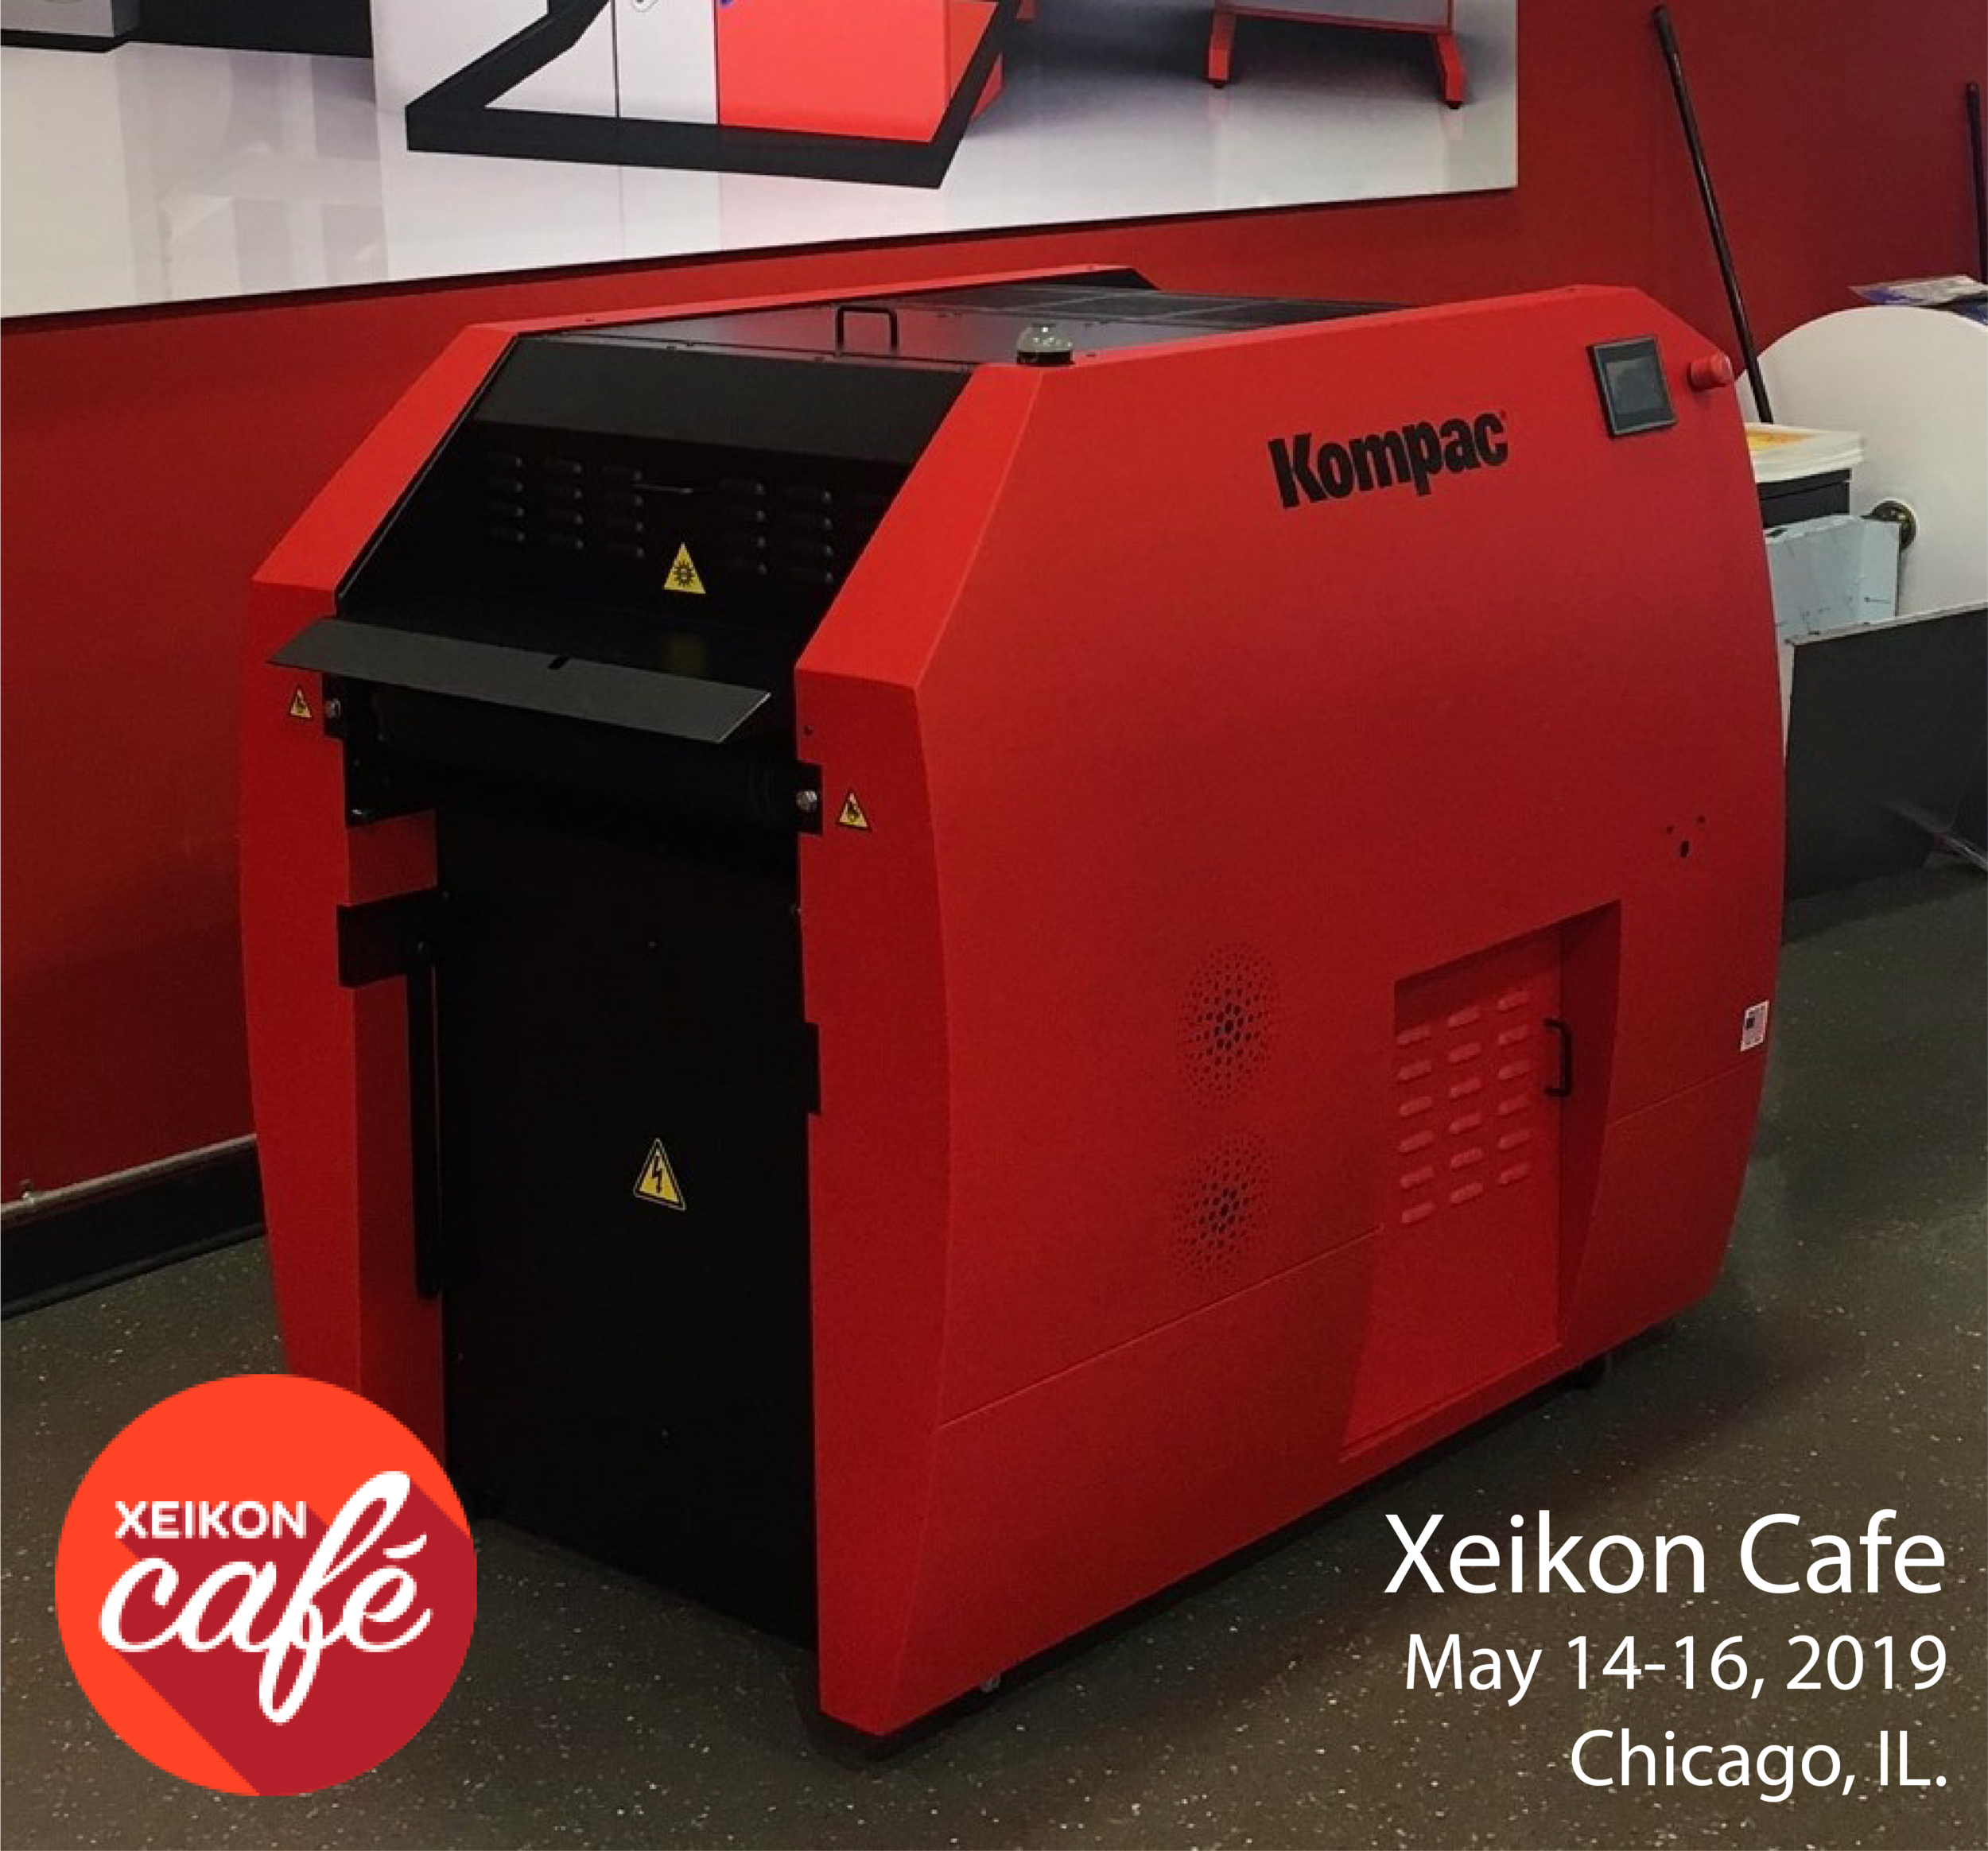 Kompac Xeikon Cafe EZ Koat 20+ 2019.png